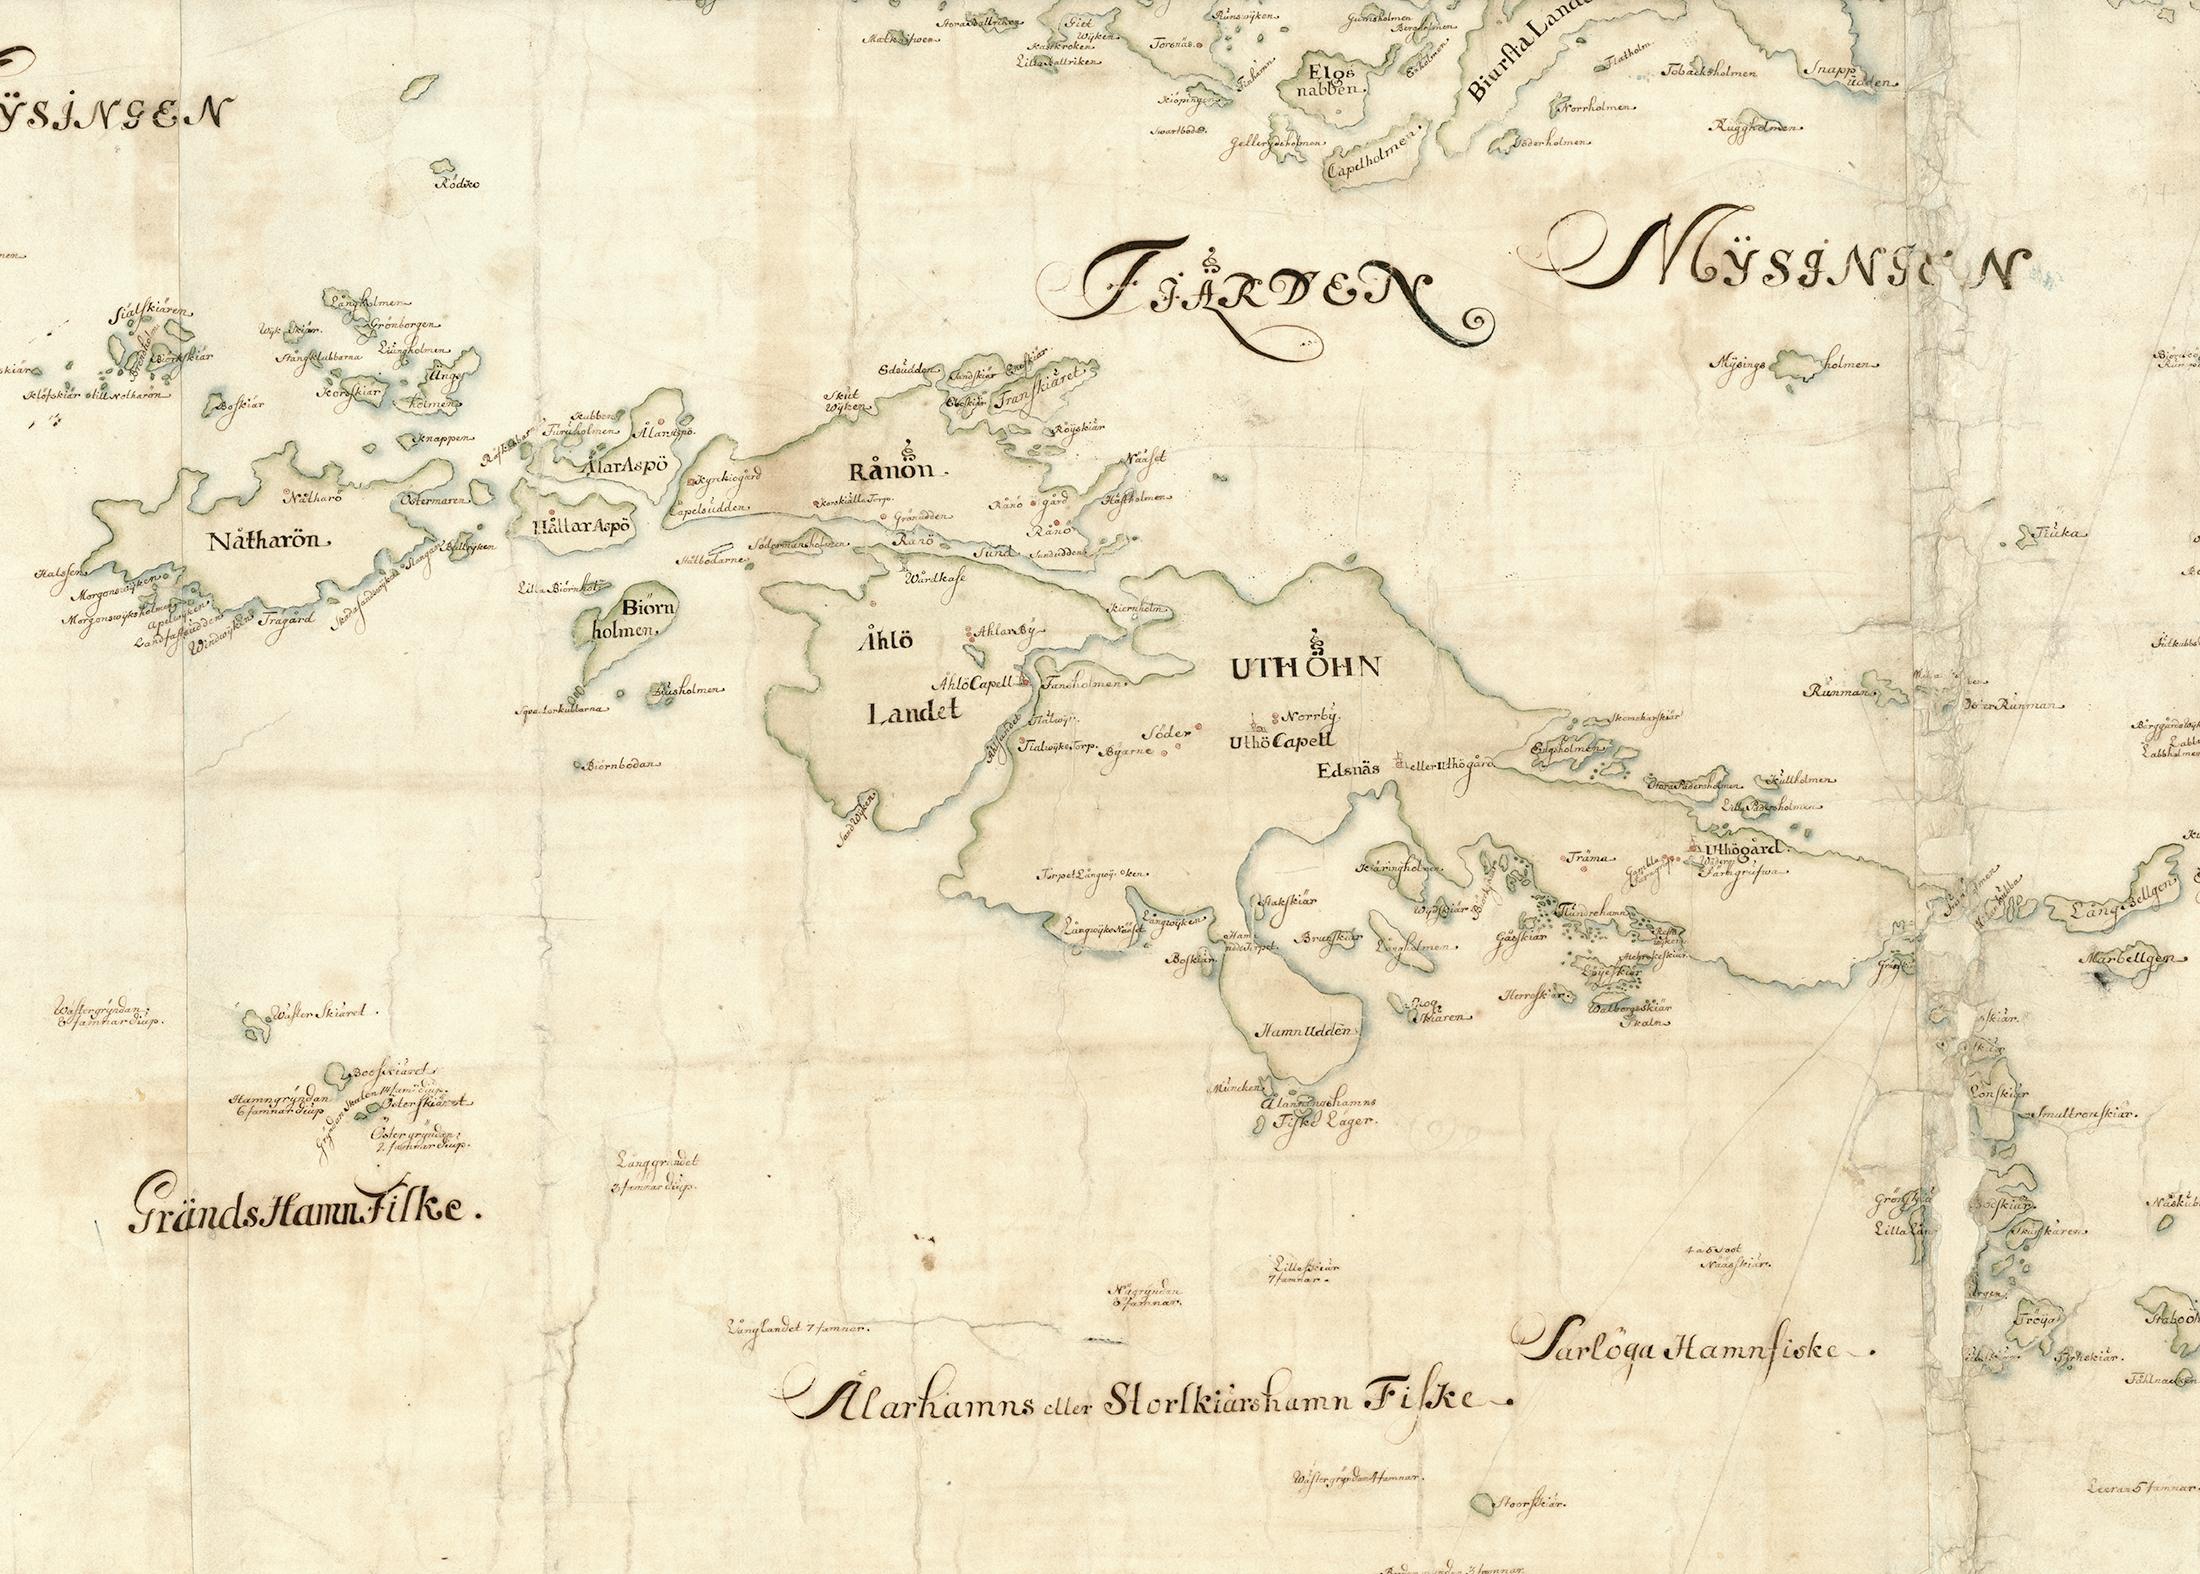 Utö, Ålö, Rånö, Nåttarö och angränsande öar på Carl Gripenhielms skärgårdskarta från 1690-talet. Väderstrecken är förvridna.